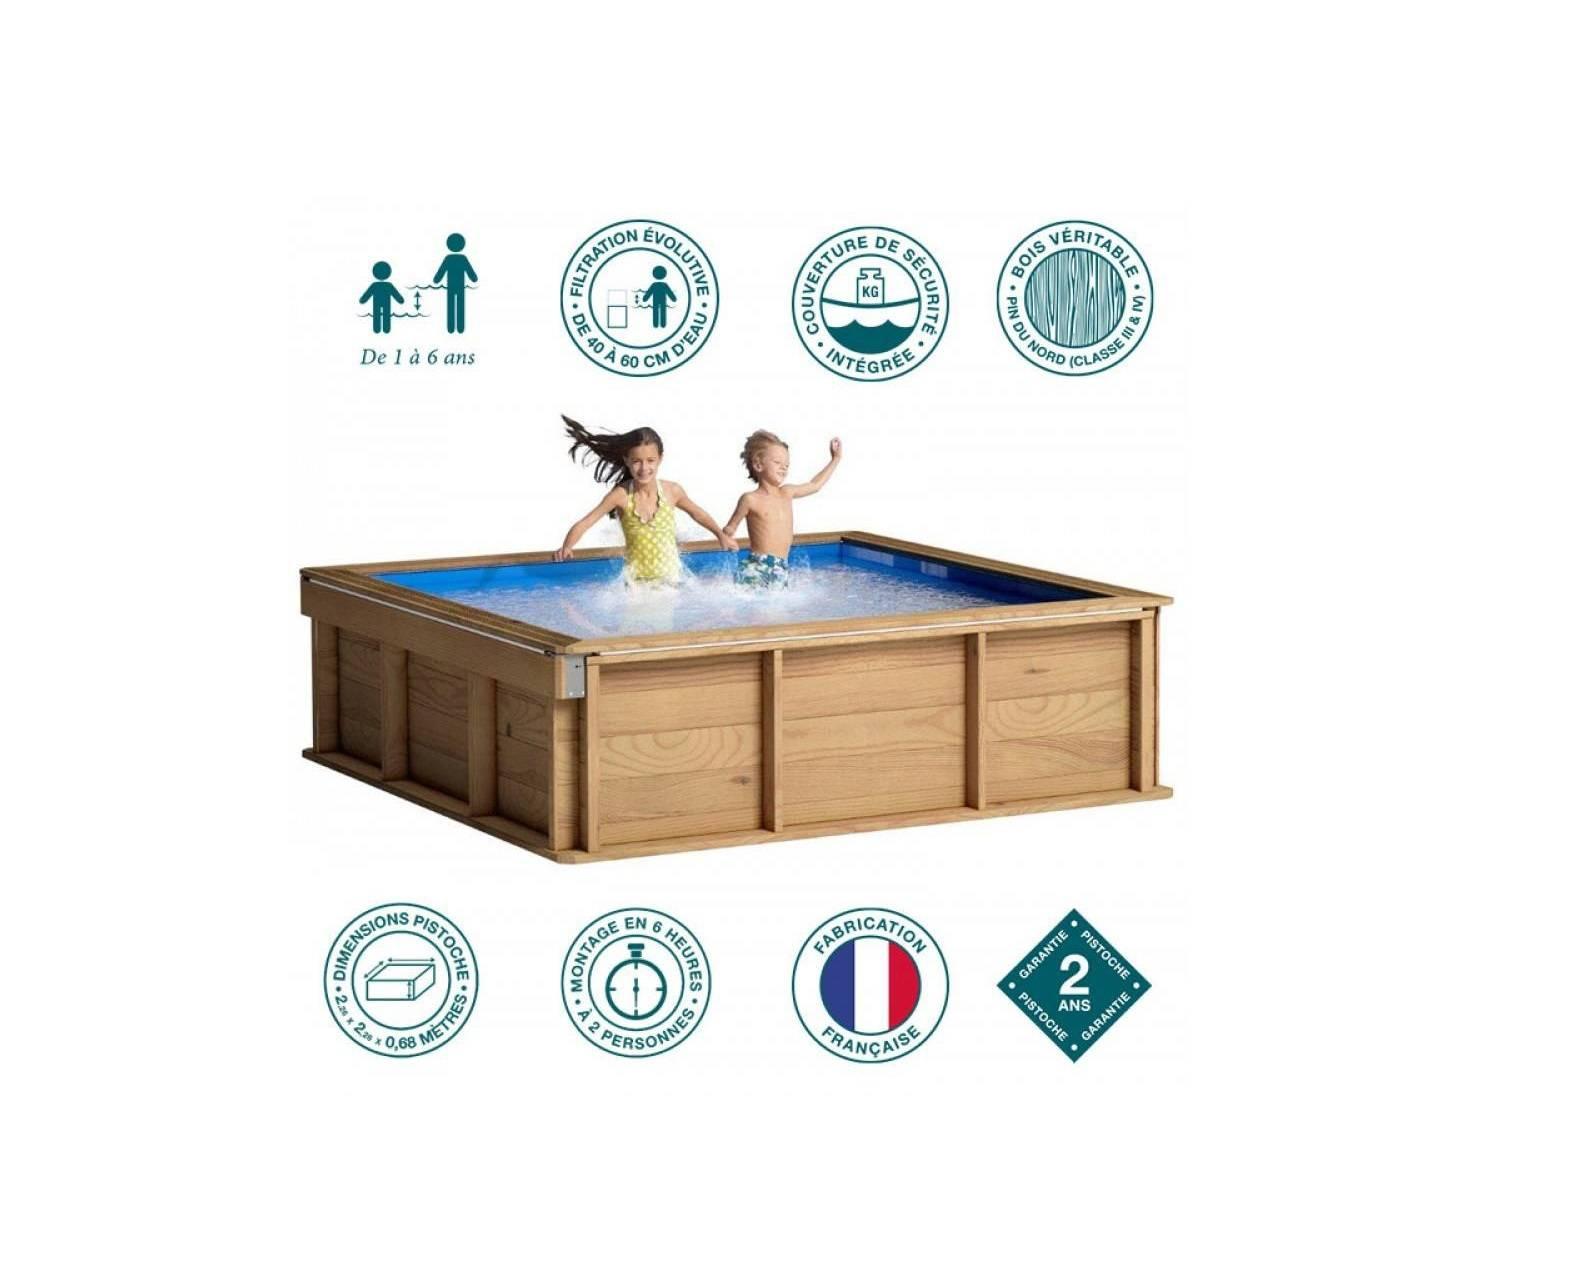 Petite Piscine Hors Sol Bois Carrée 2X2 Pour Enfants Piscine ... avec Piscine Enfant Pas Cher